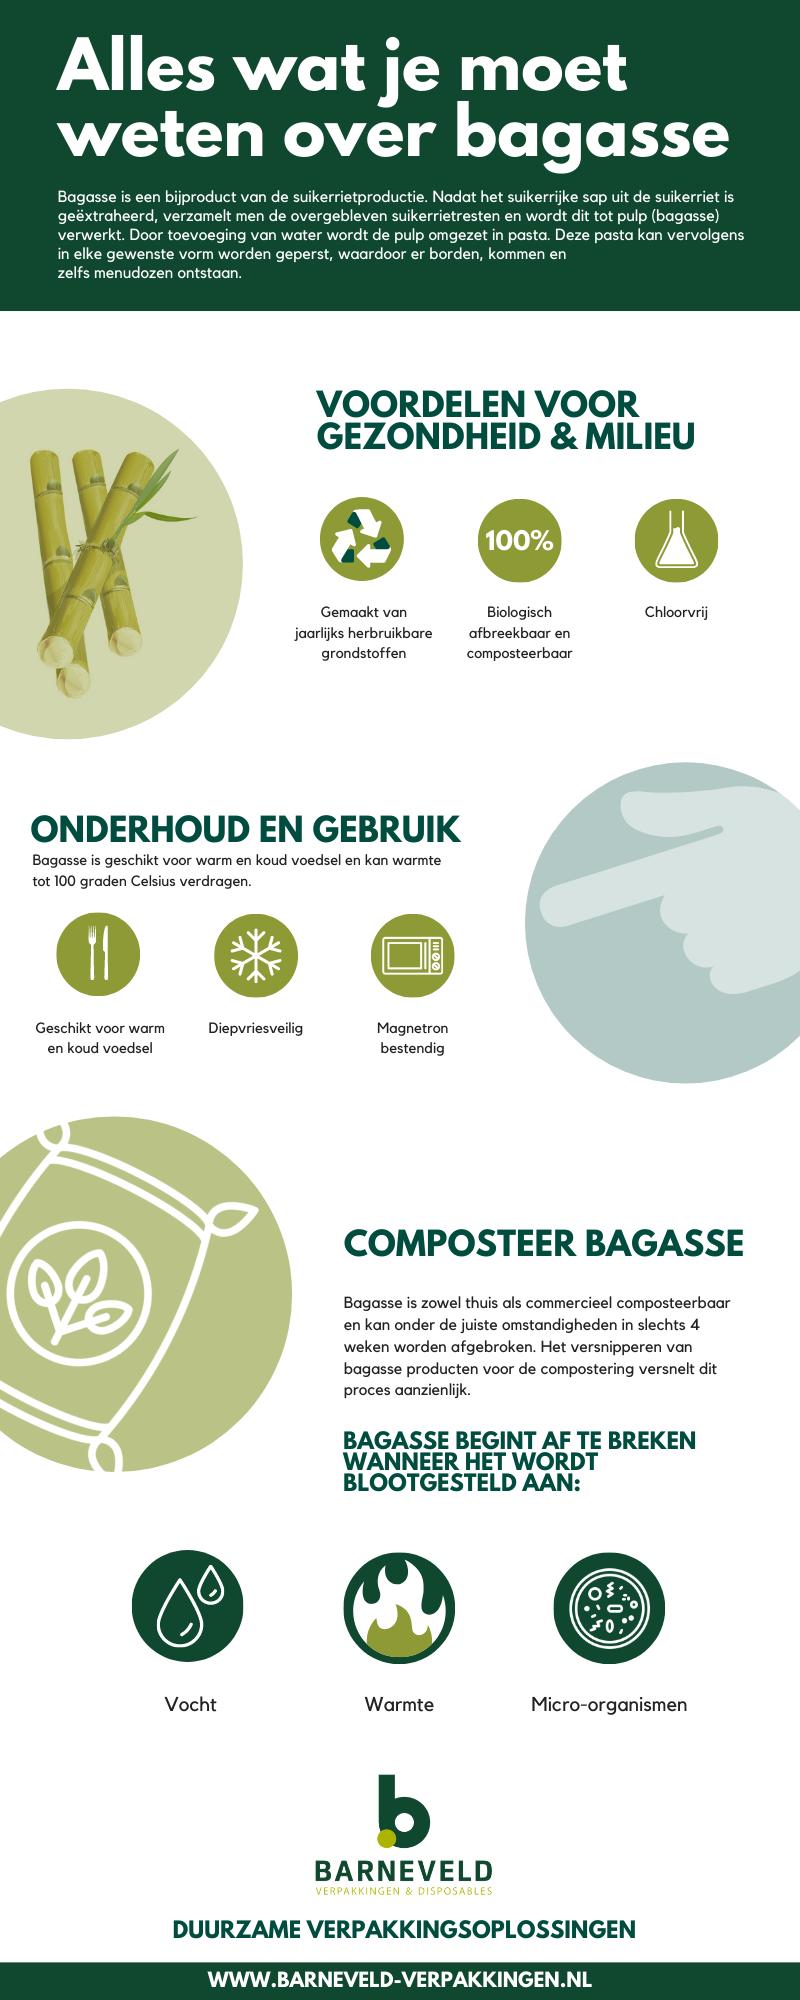 Duurzaam-verpakken-bagasse-suikerriet-duurzame-verpakkingsoplossingen